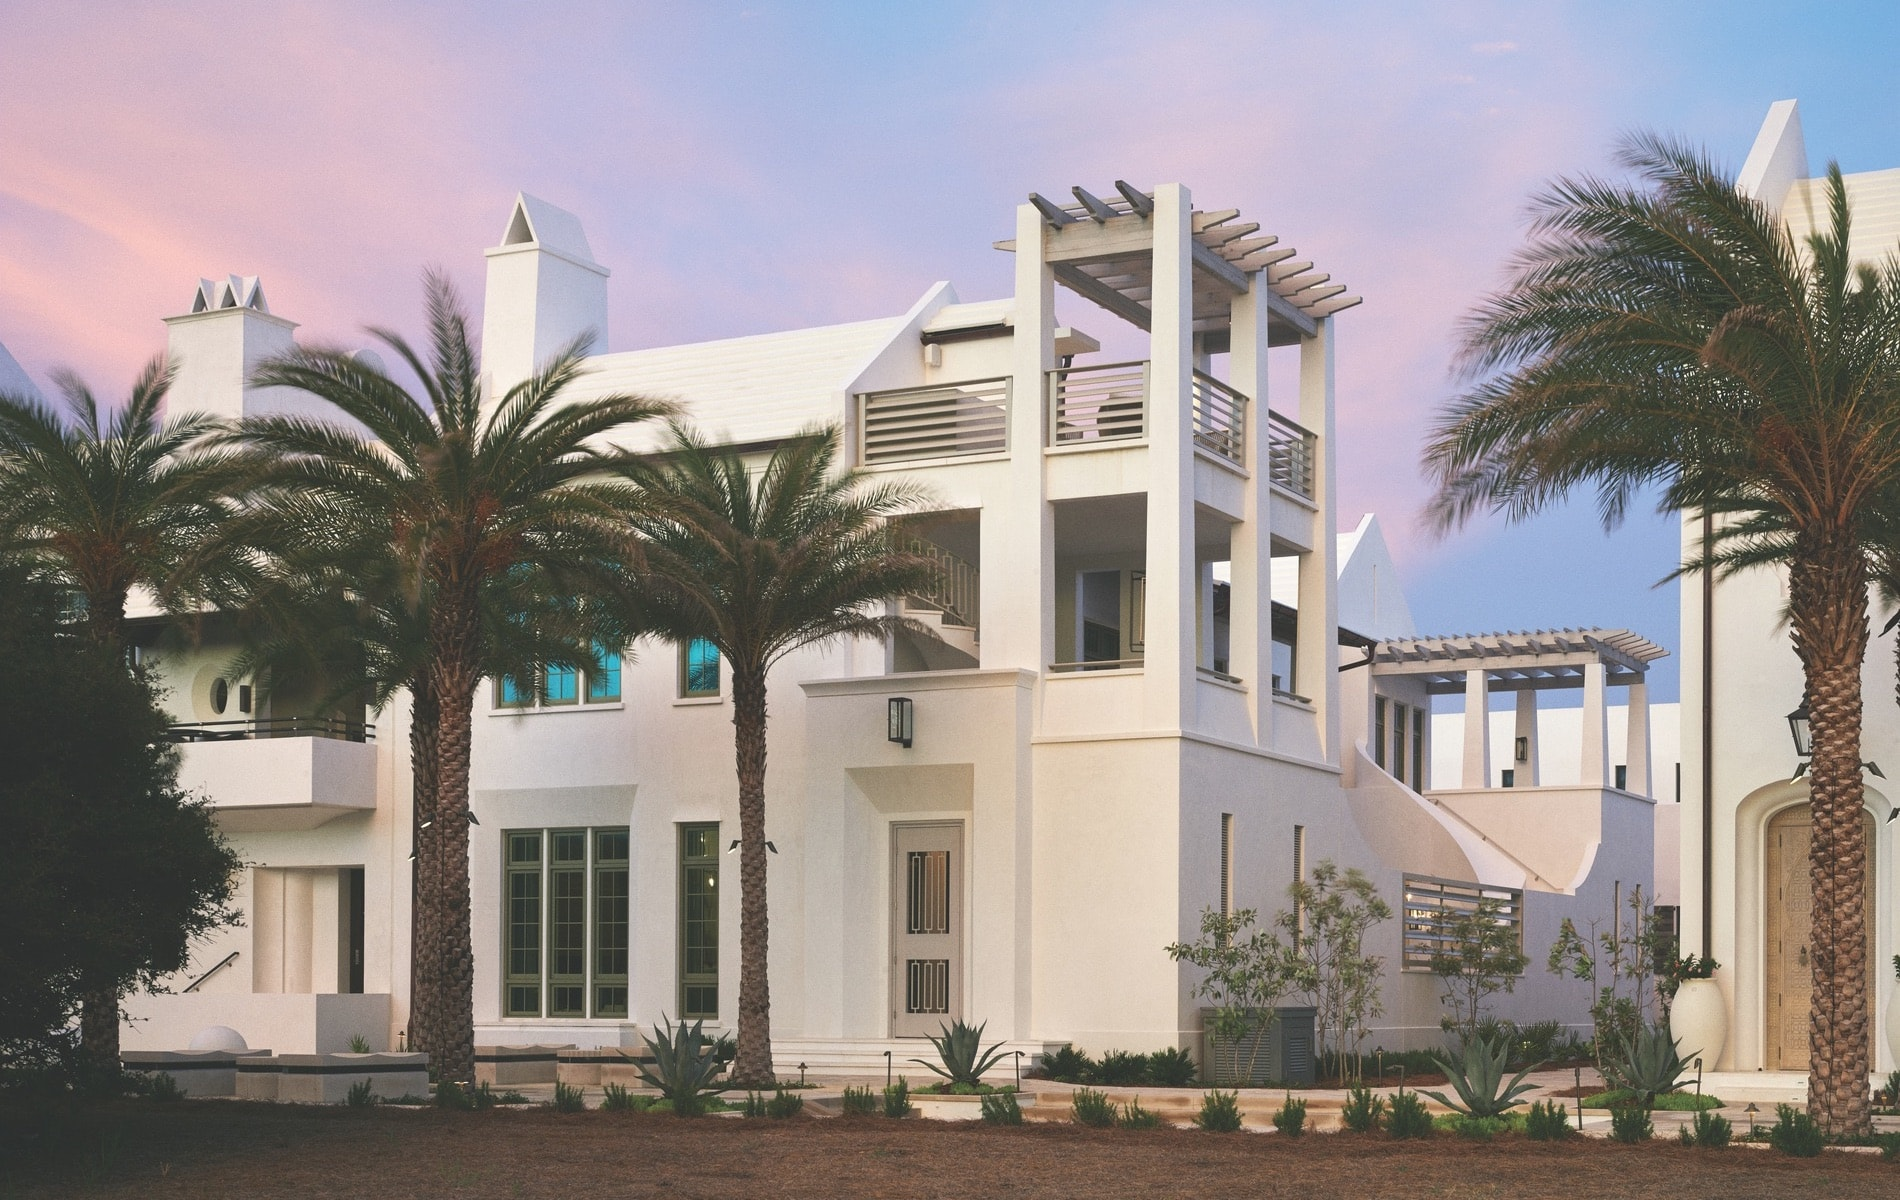 Alys Beach, Alys Beach Florida, Alys Beach FL, Christ & Associates, Cindy Meador Interiors, Davis Dunn Construction